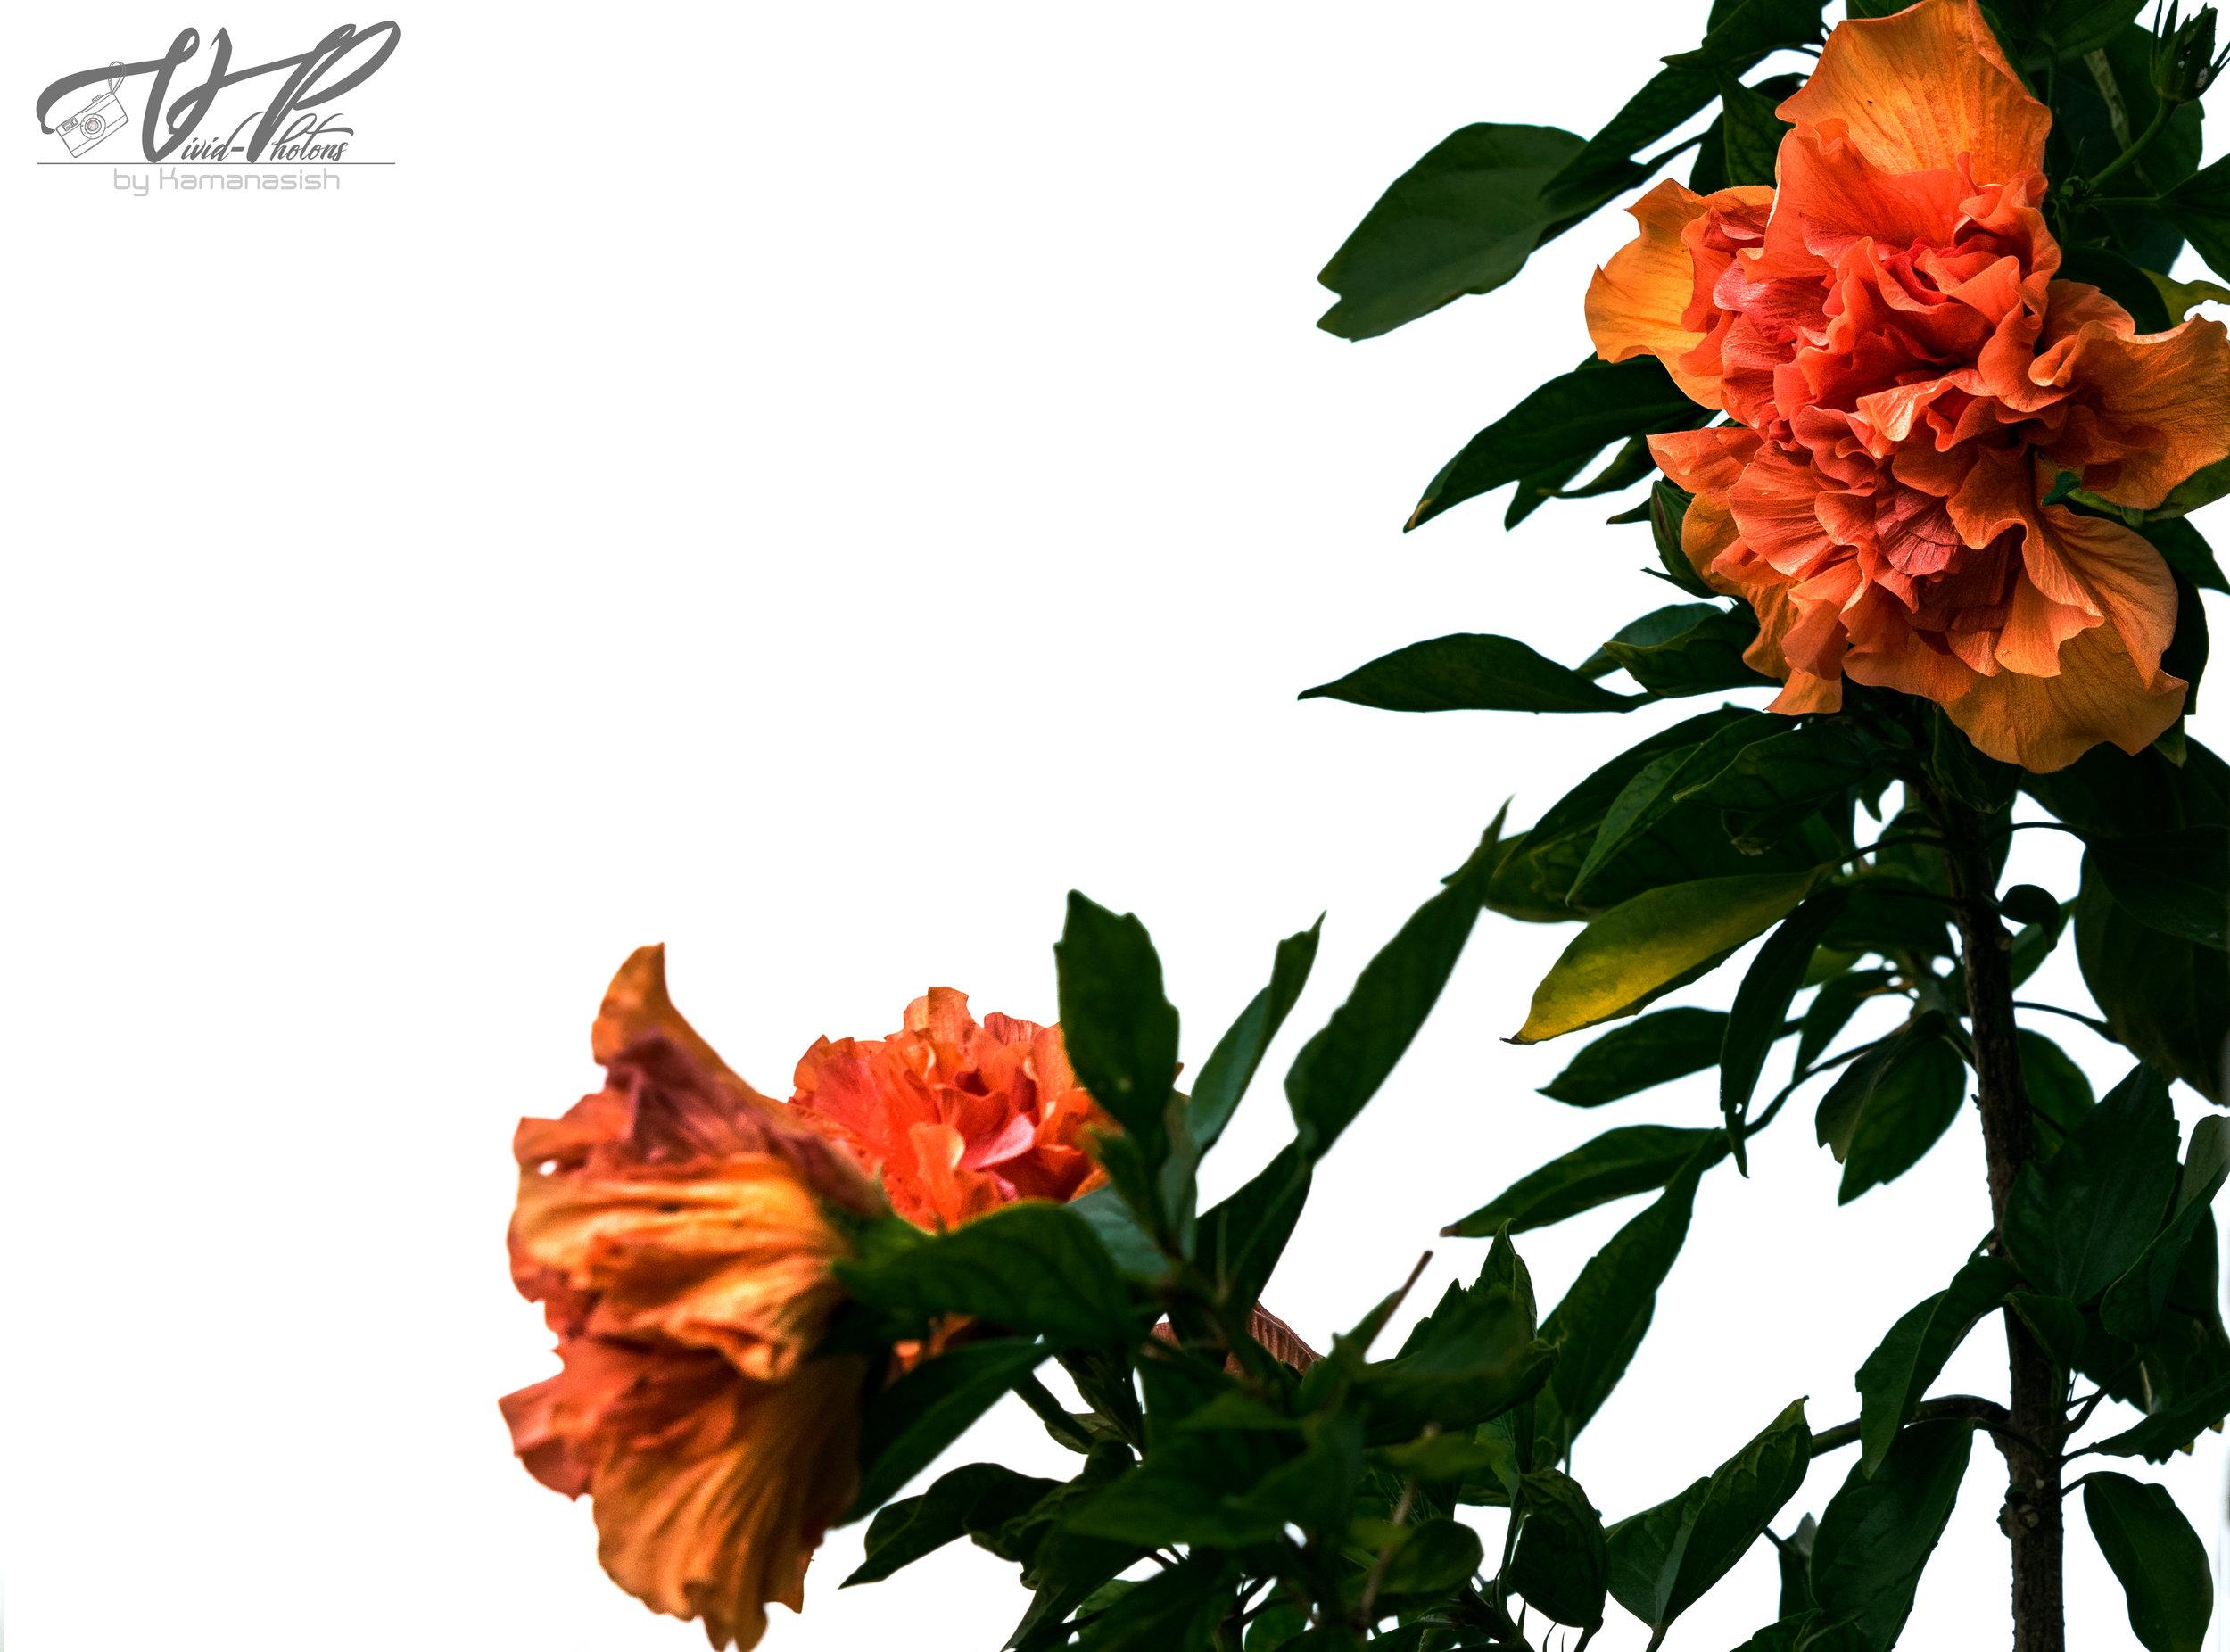 flower2 jpg.jpg